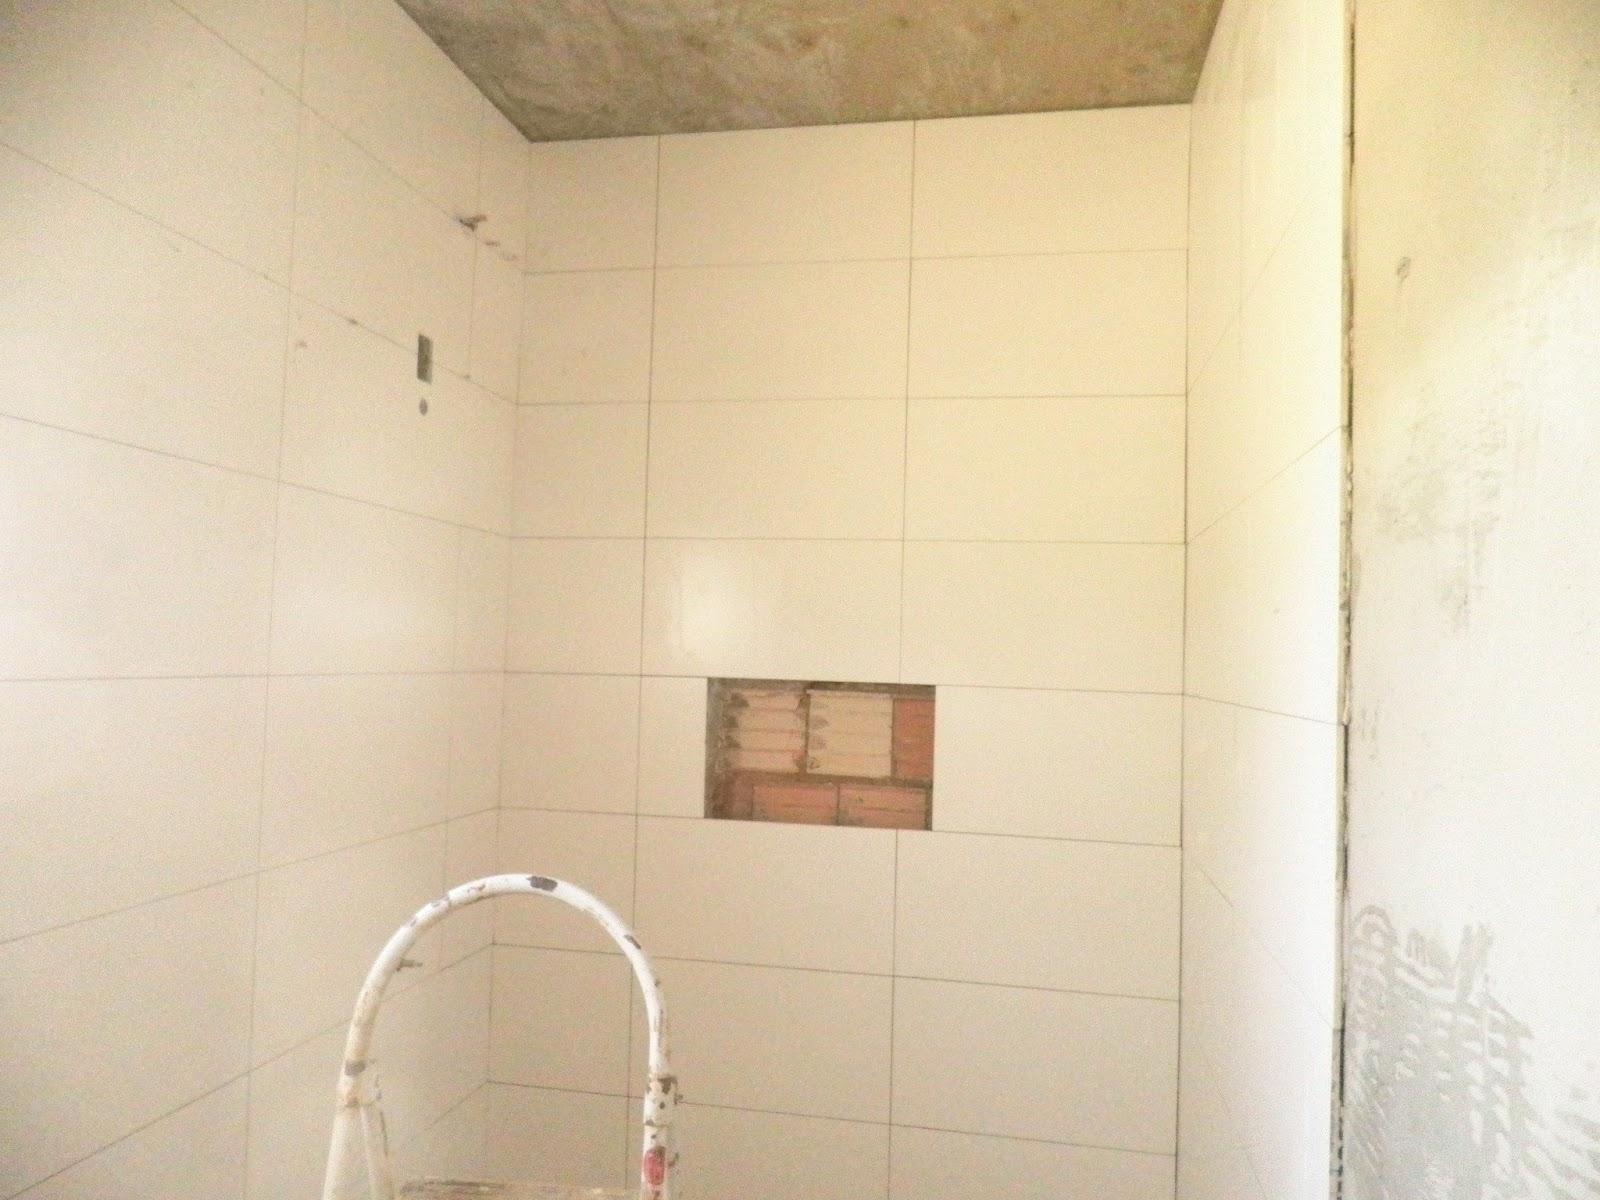 REFORMANDO A DISTANCIA: Revestimentos da Área de Lazer. #937538 1600x1200 Banheiro Com Porcelanato Via Rosa